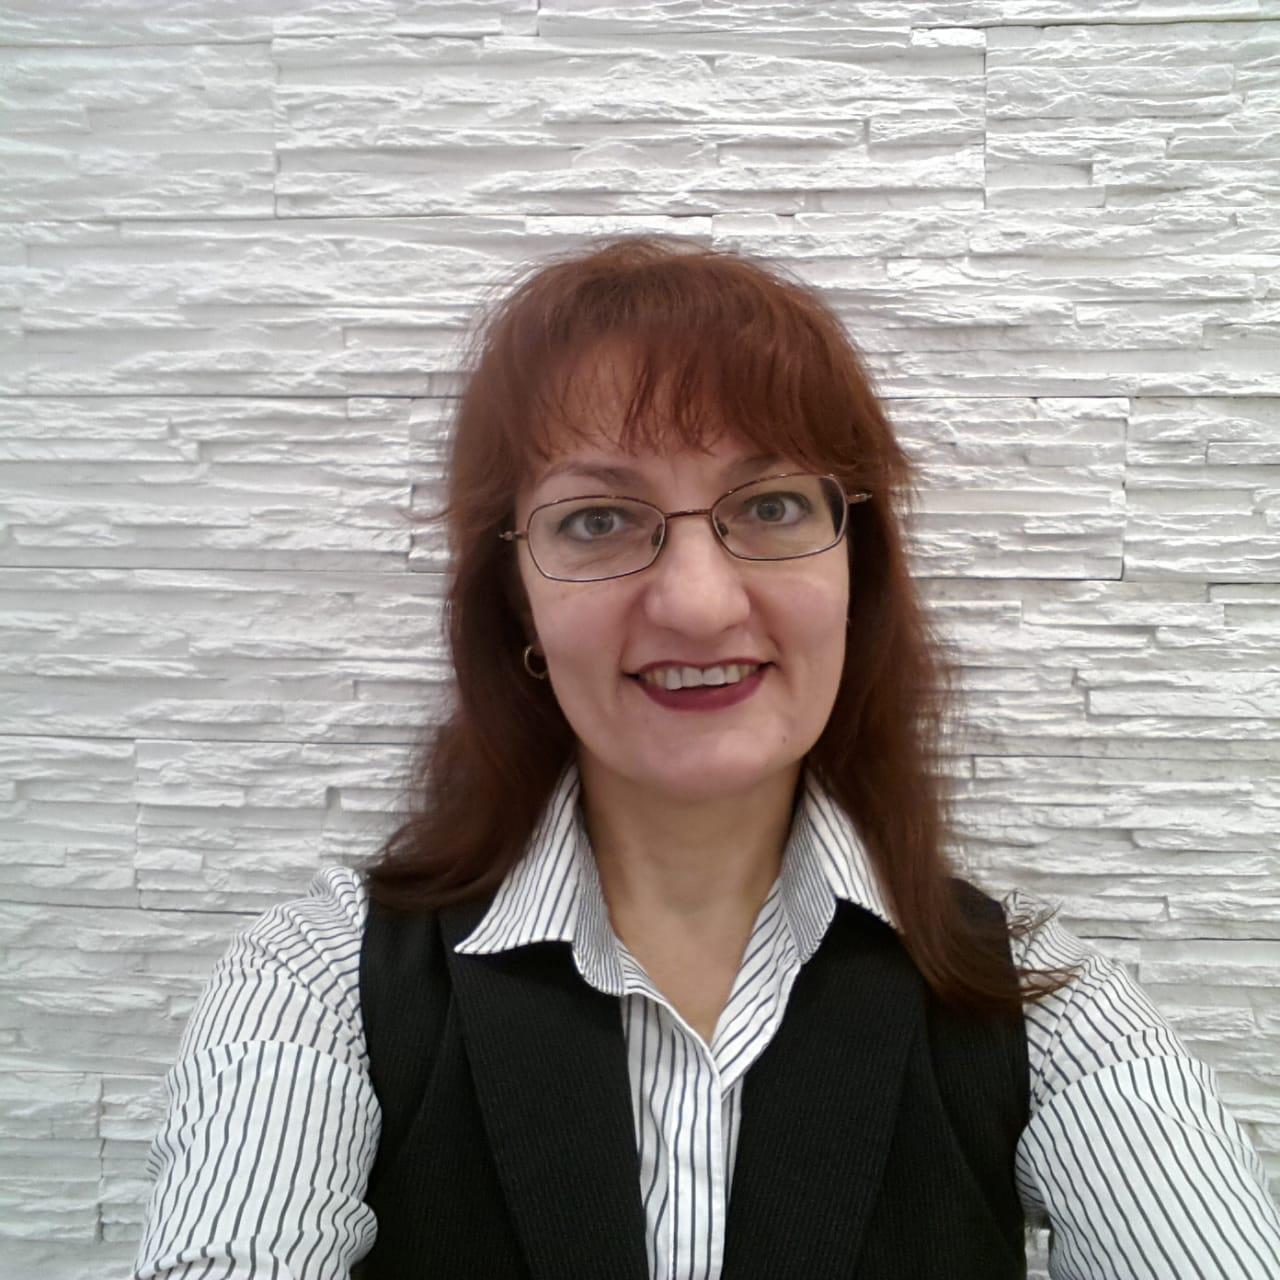 Биктимирова Наиля Ильдусьевна